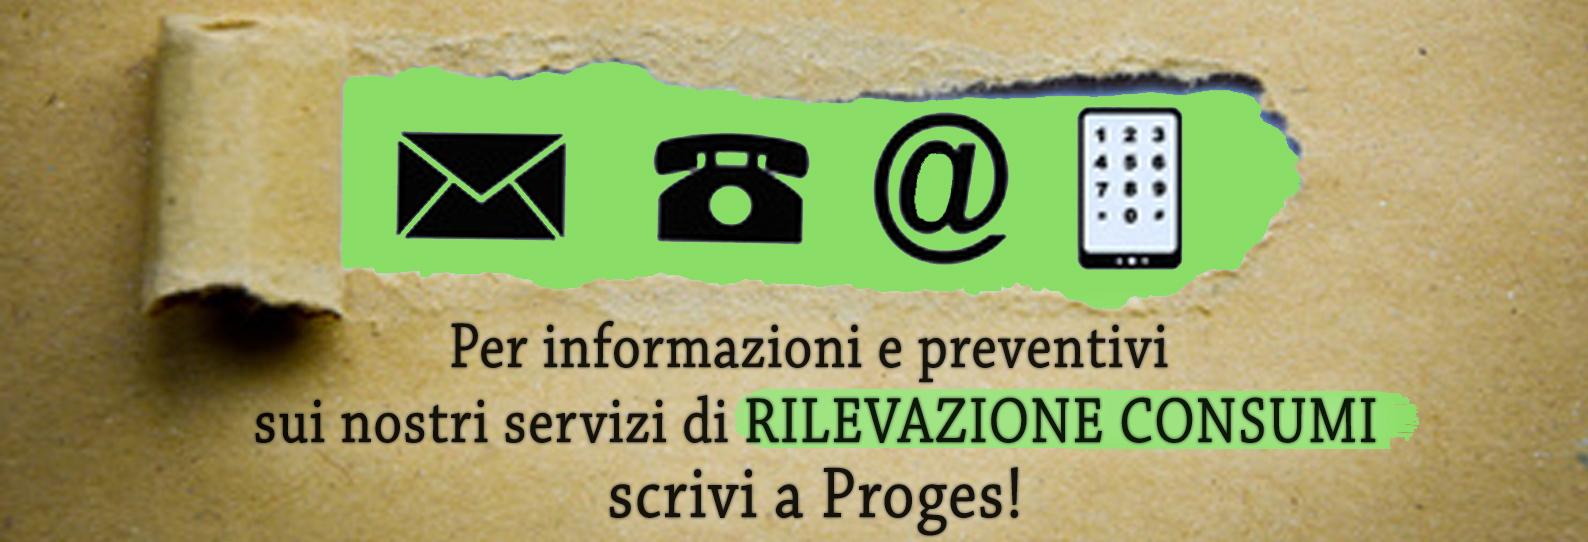 Proges_sito pll_banner_scriviconsumi